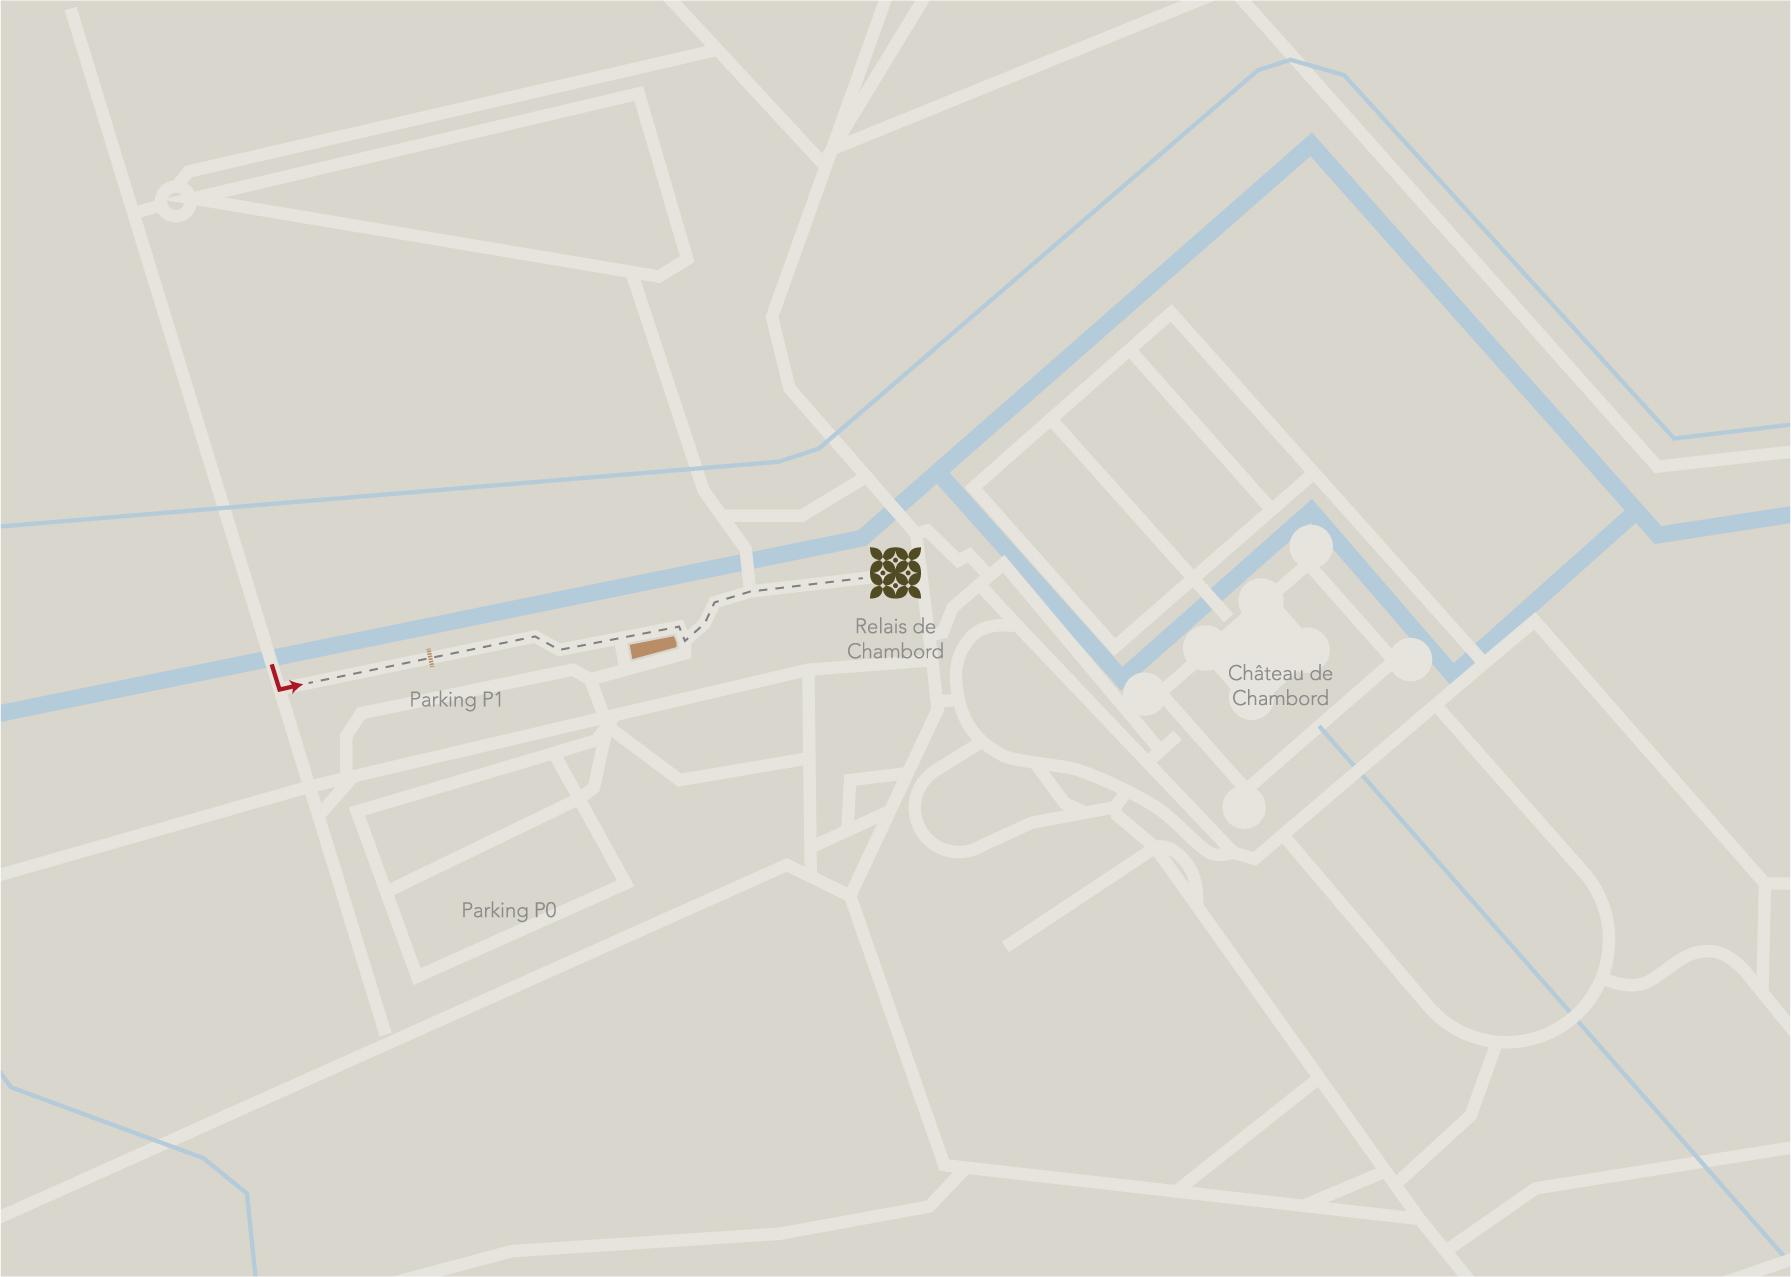 Plan d'accès au Relais de Chambord